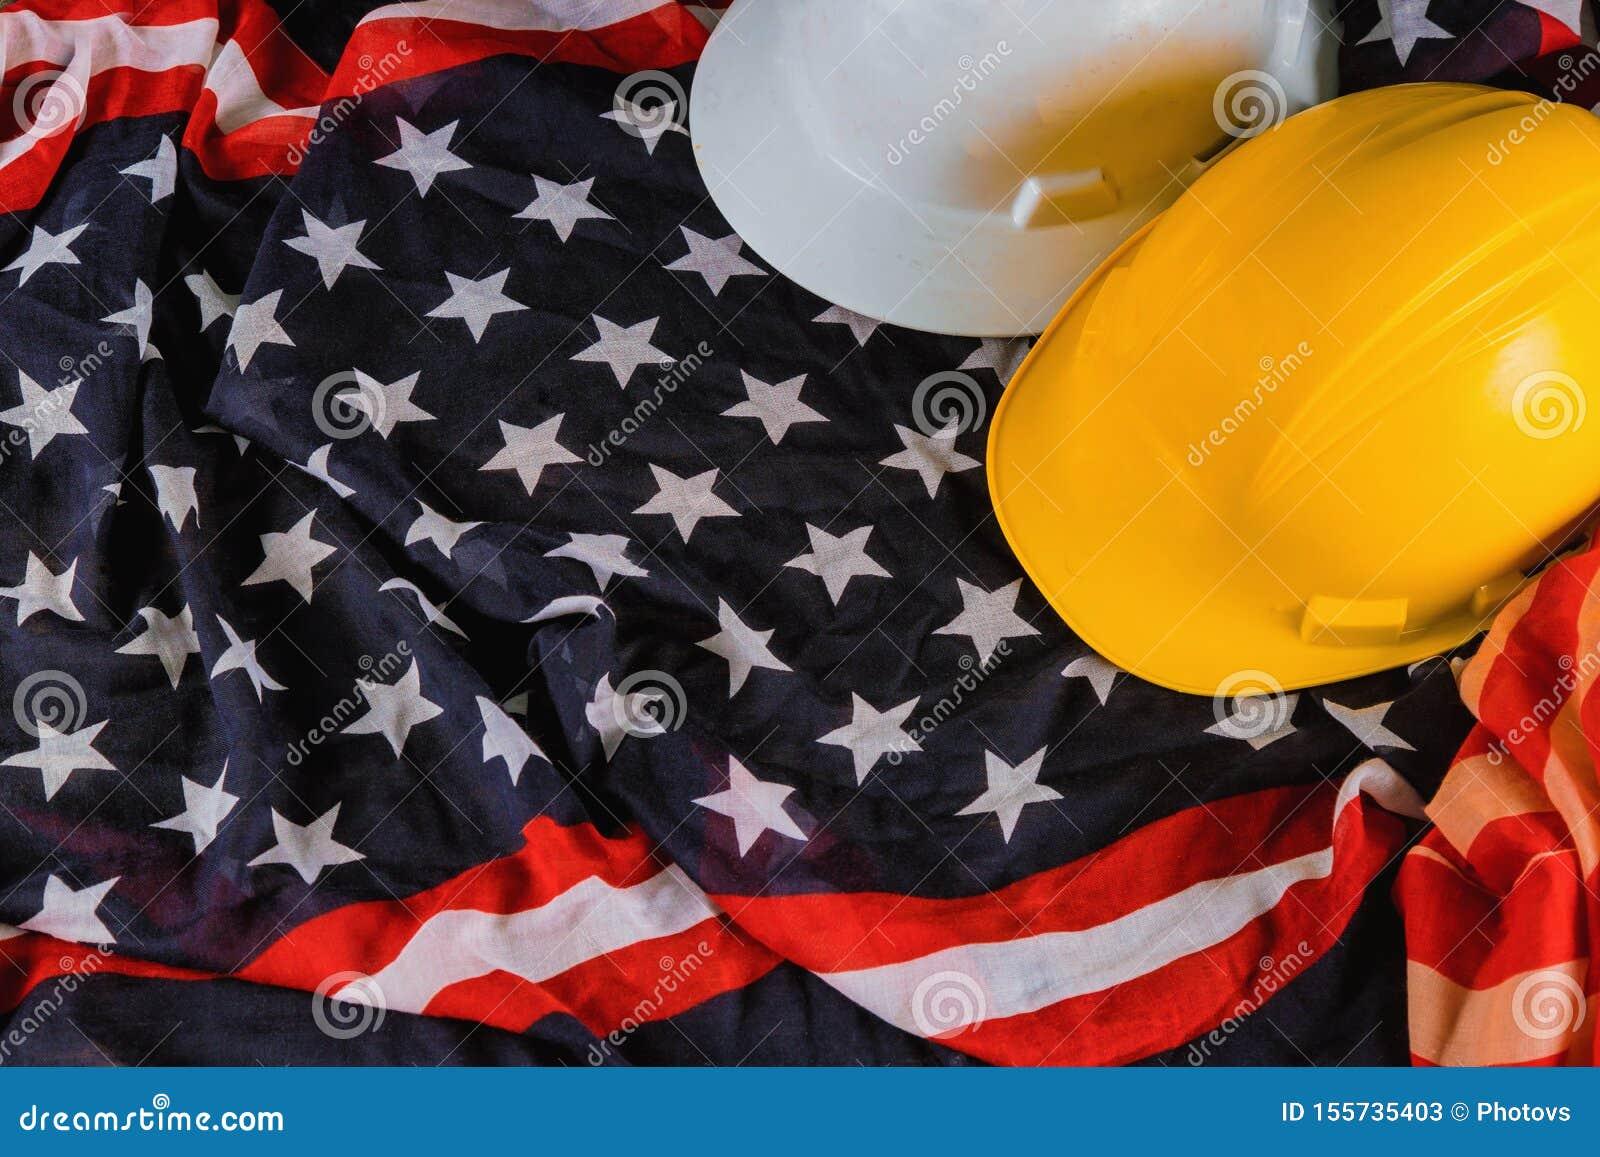 Werktag ist ein Bundesfeiertag von Draufsicht Vereinigter Staaten Amerika mit Kopienraum für Gebrauchsentwurf